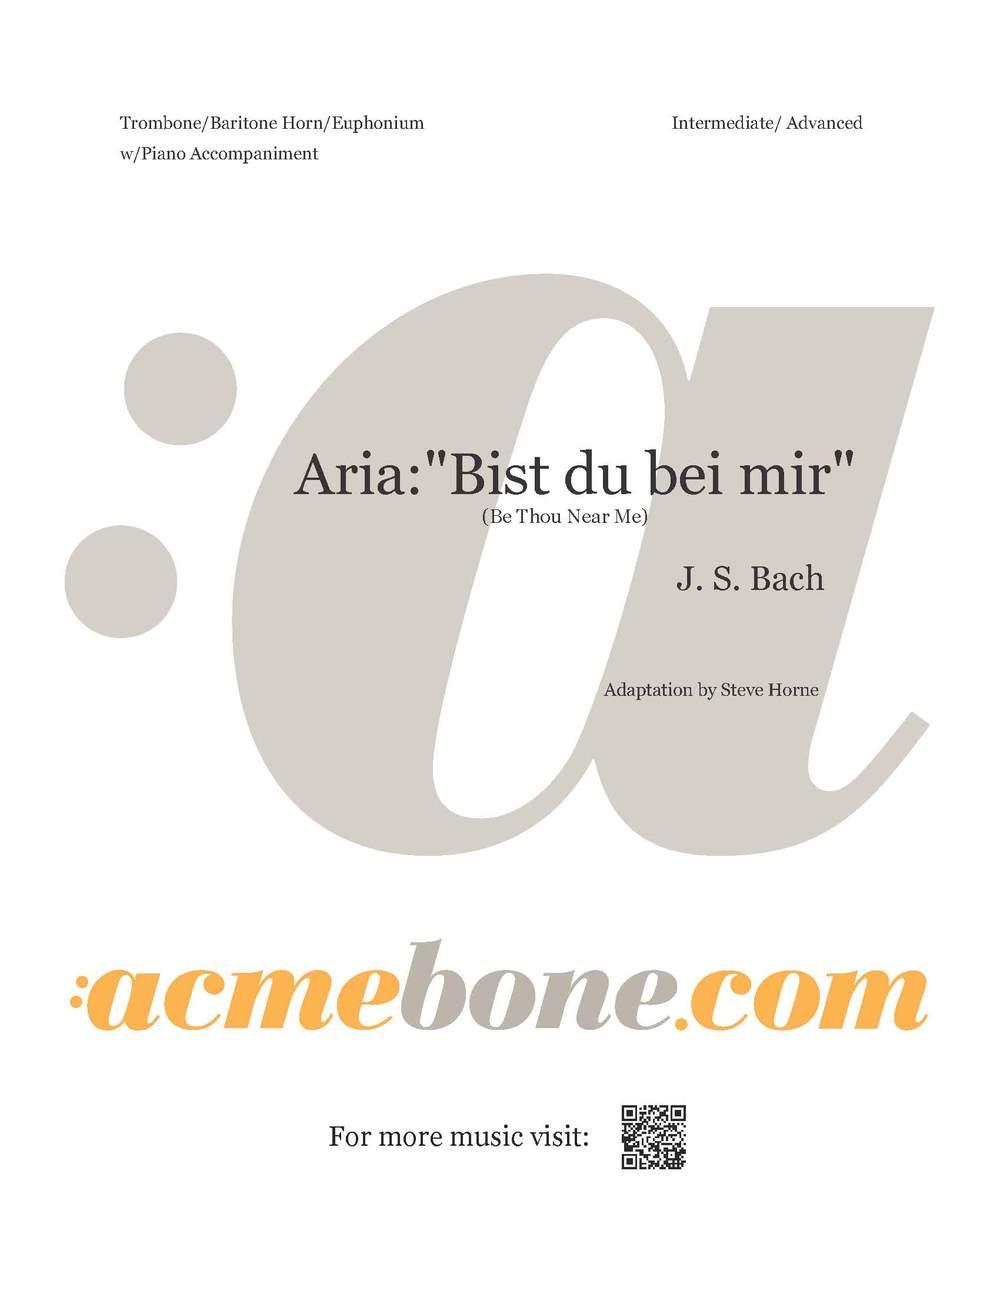 Aria_Bist du bei mir_digital_complete_Page_1.jpg